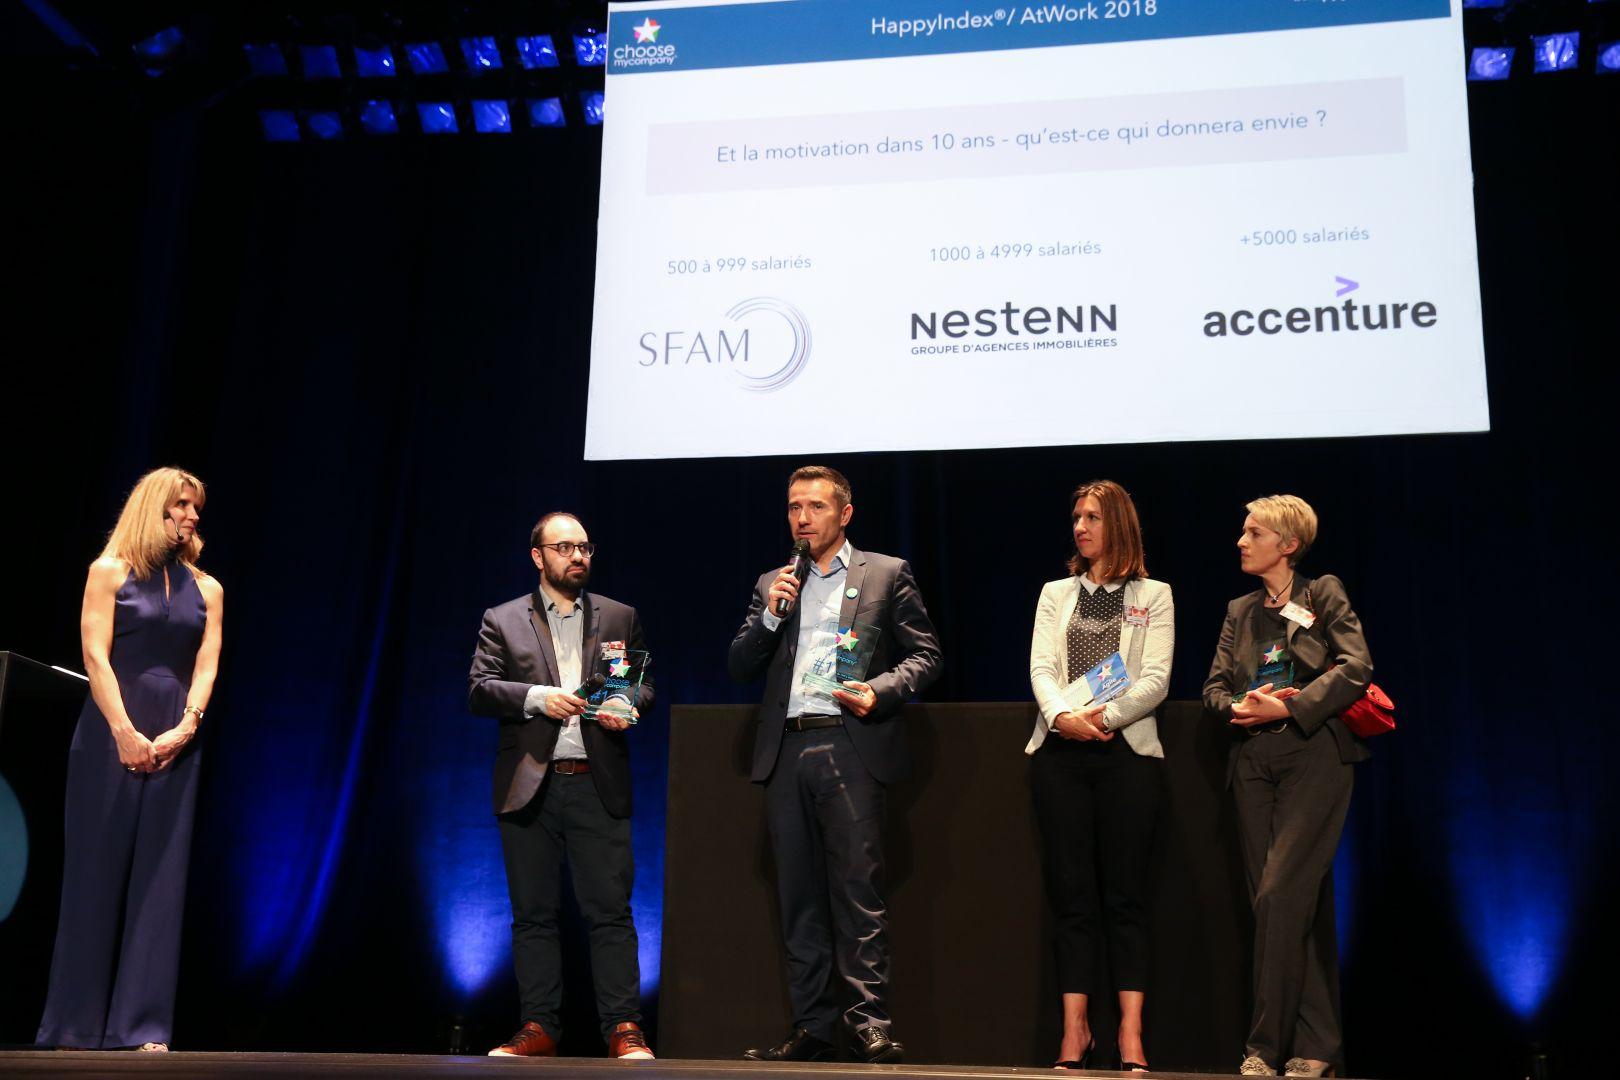 Le Groupe Nestenn obtient la labellisation HappyAtWork 2018